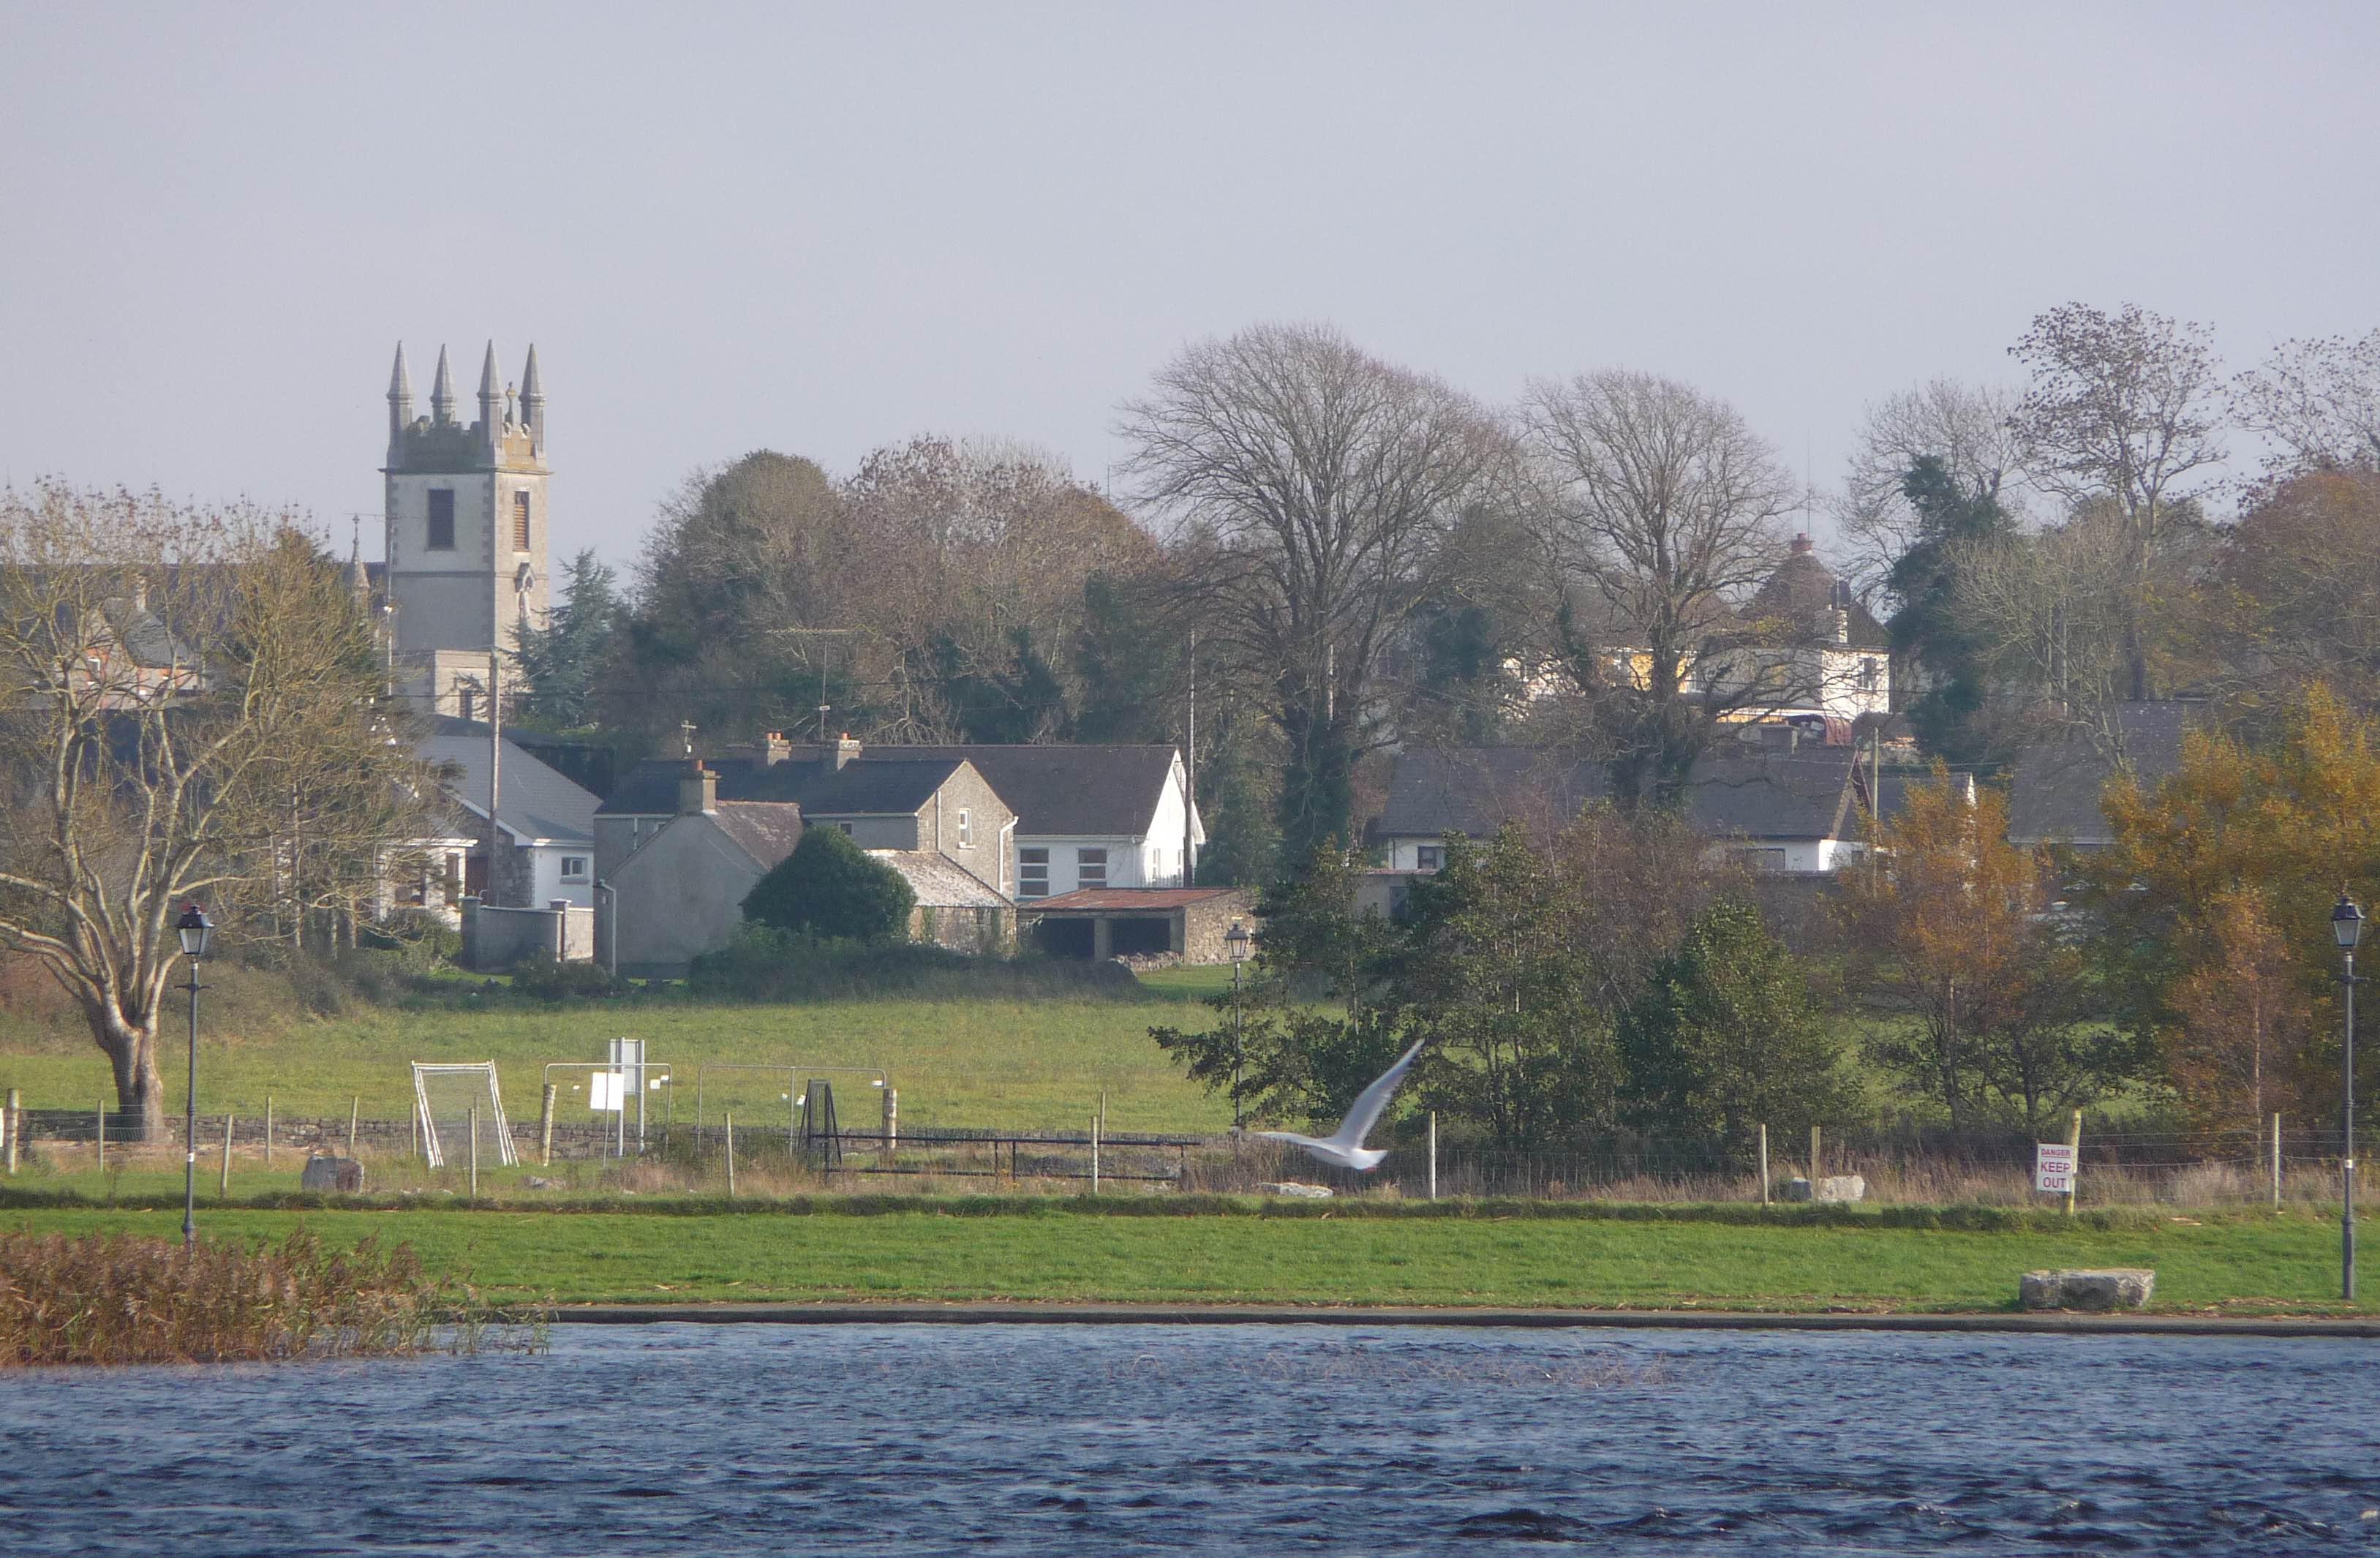 7.Lough Ree